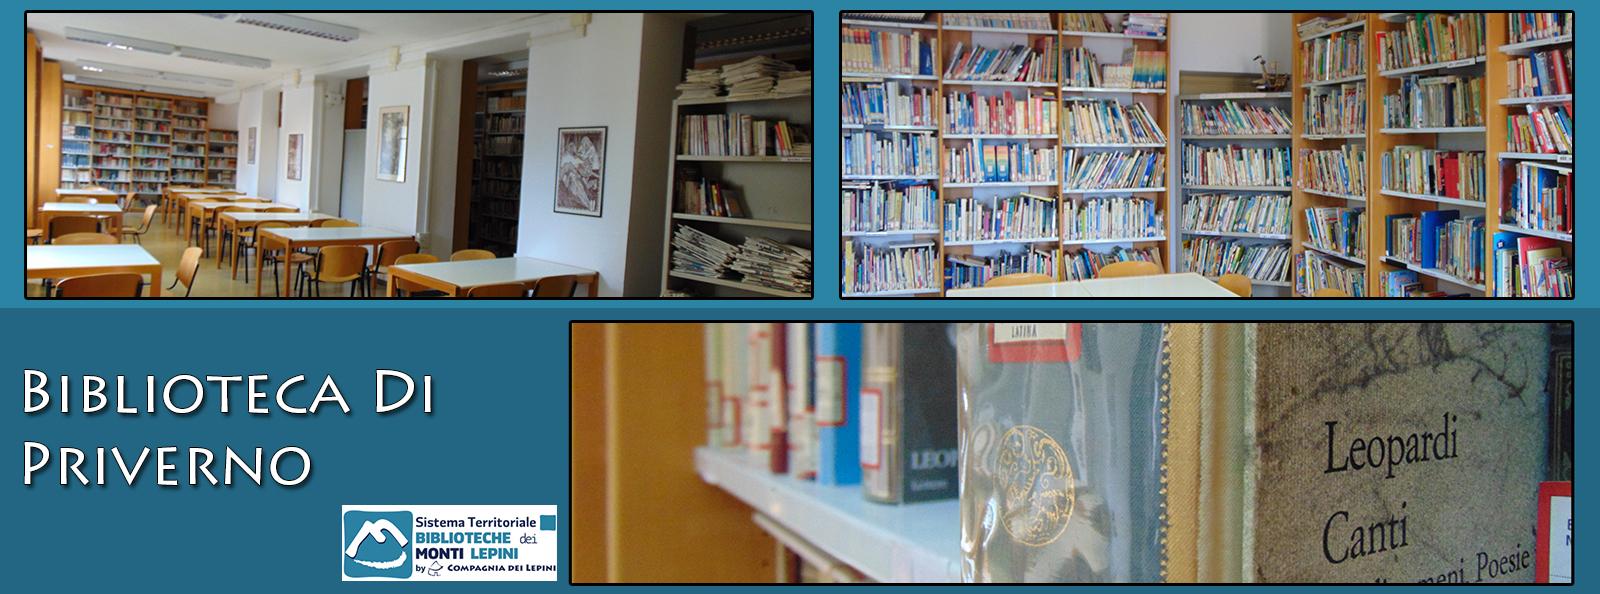 Priverno - Lt - Biblioteca Comunale